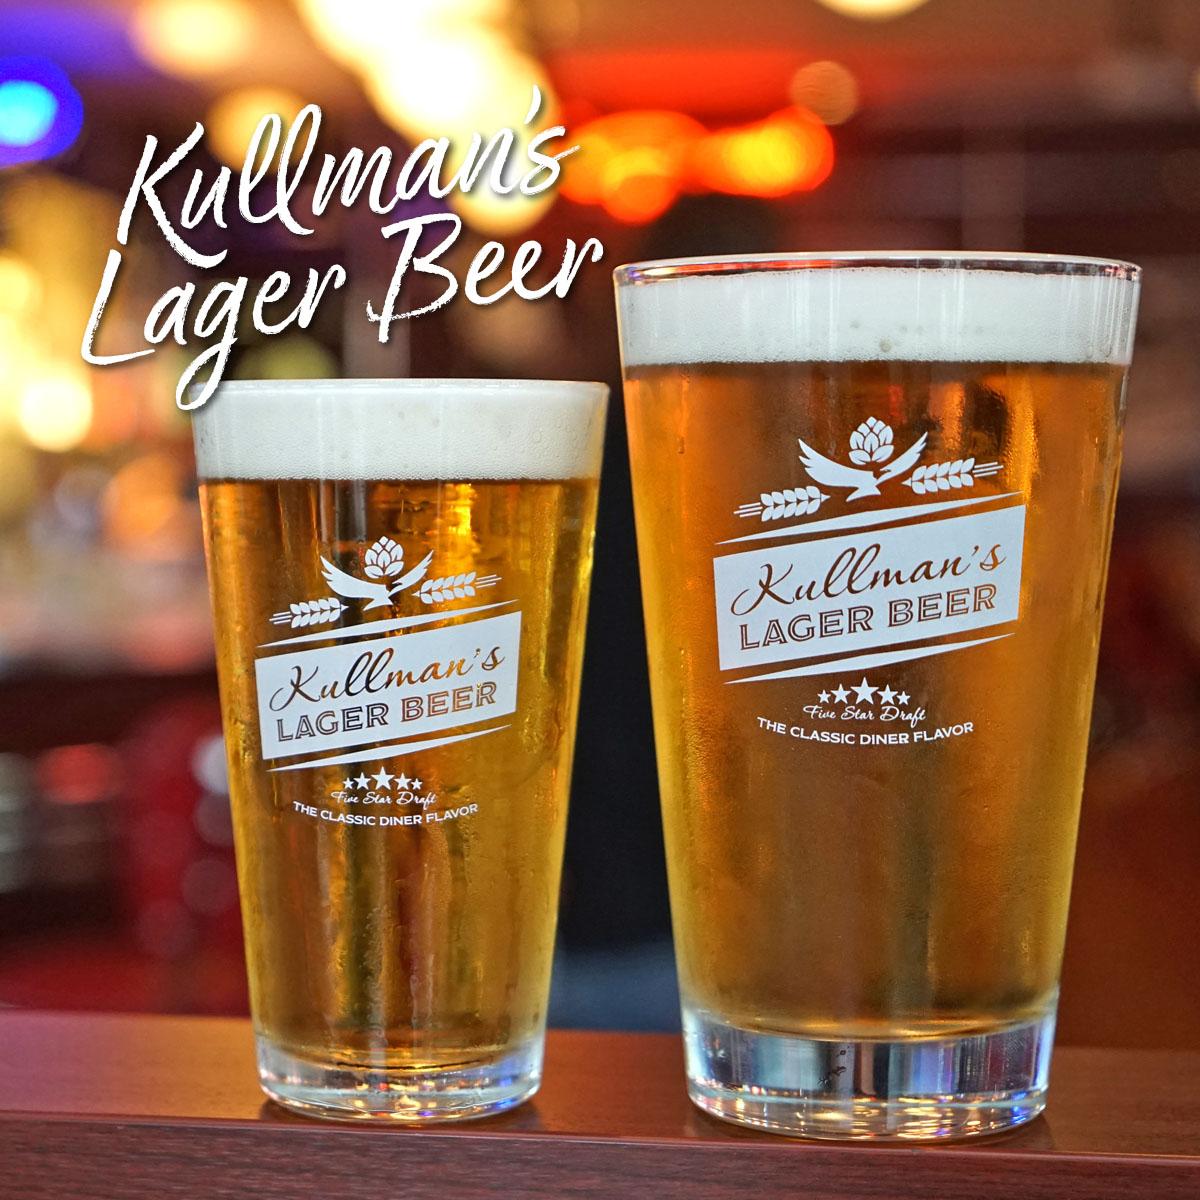 Kullman's Lager Beer